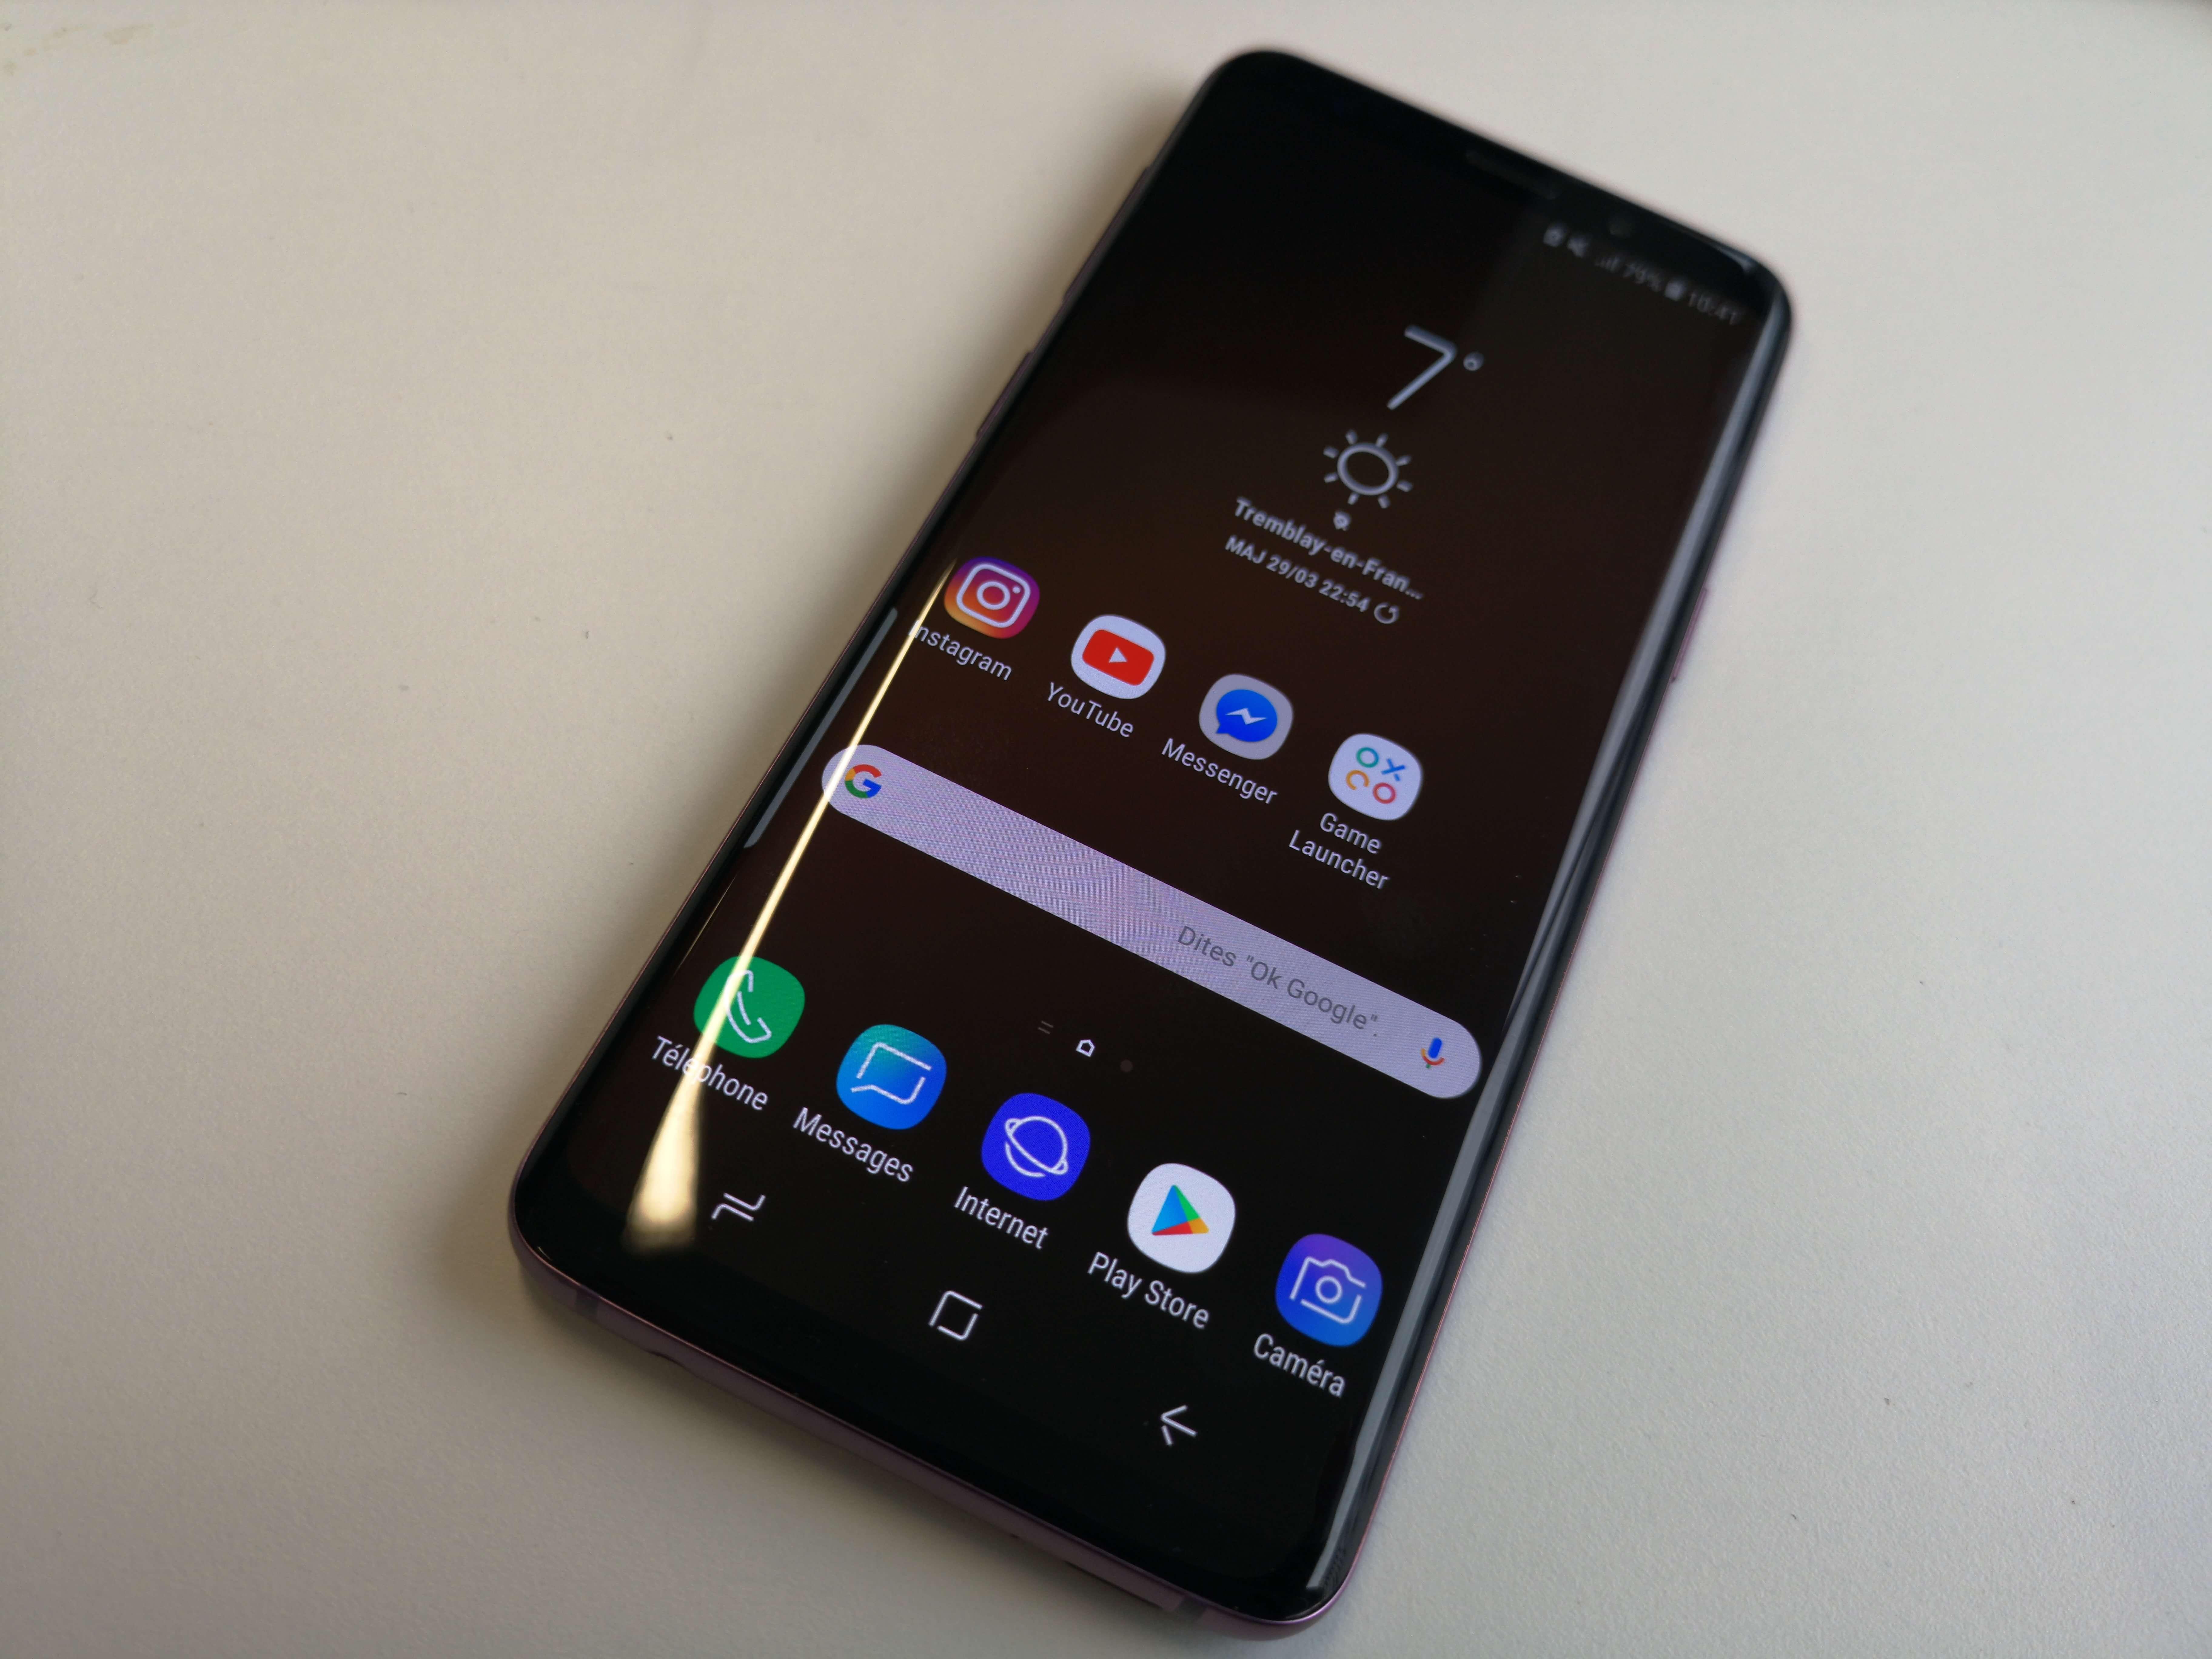 Samsung Galaxy S9 test 8 - [ TEST ] Samsung Galaxy S9 : le jeu des 7 différences avec le S8